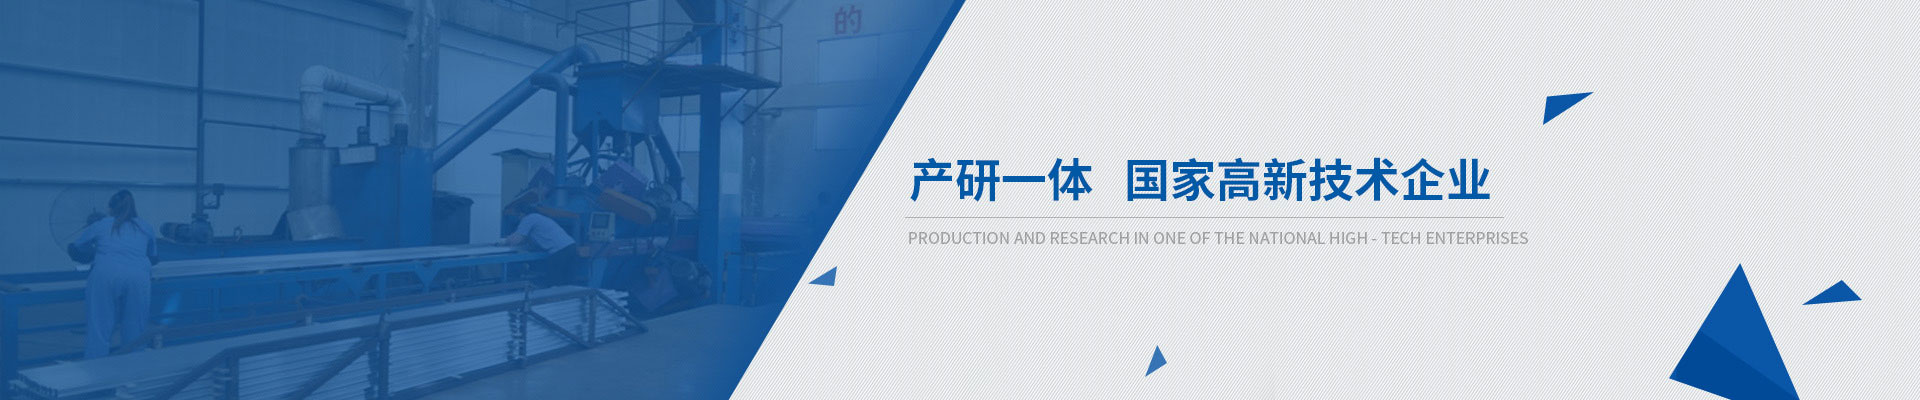 鸿发产研一体,国家高新技术企业